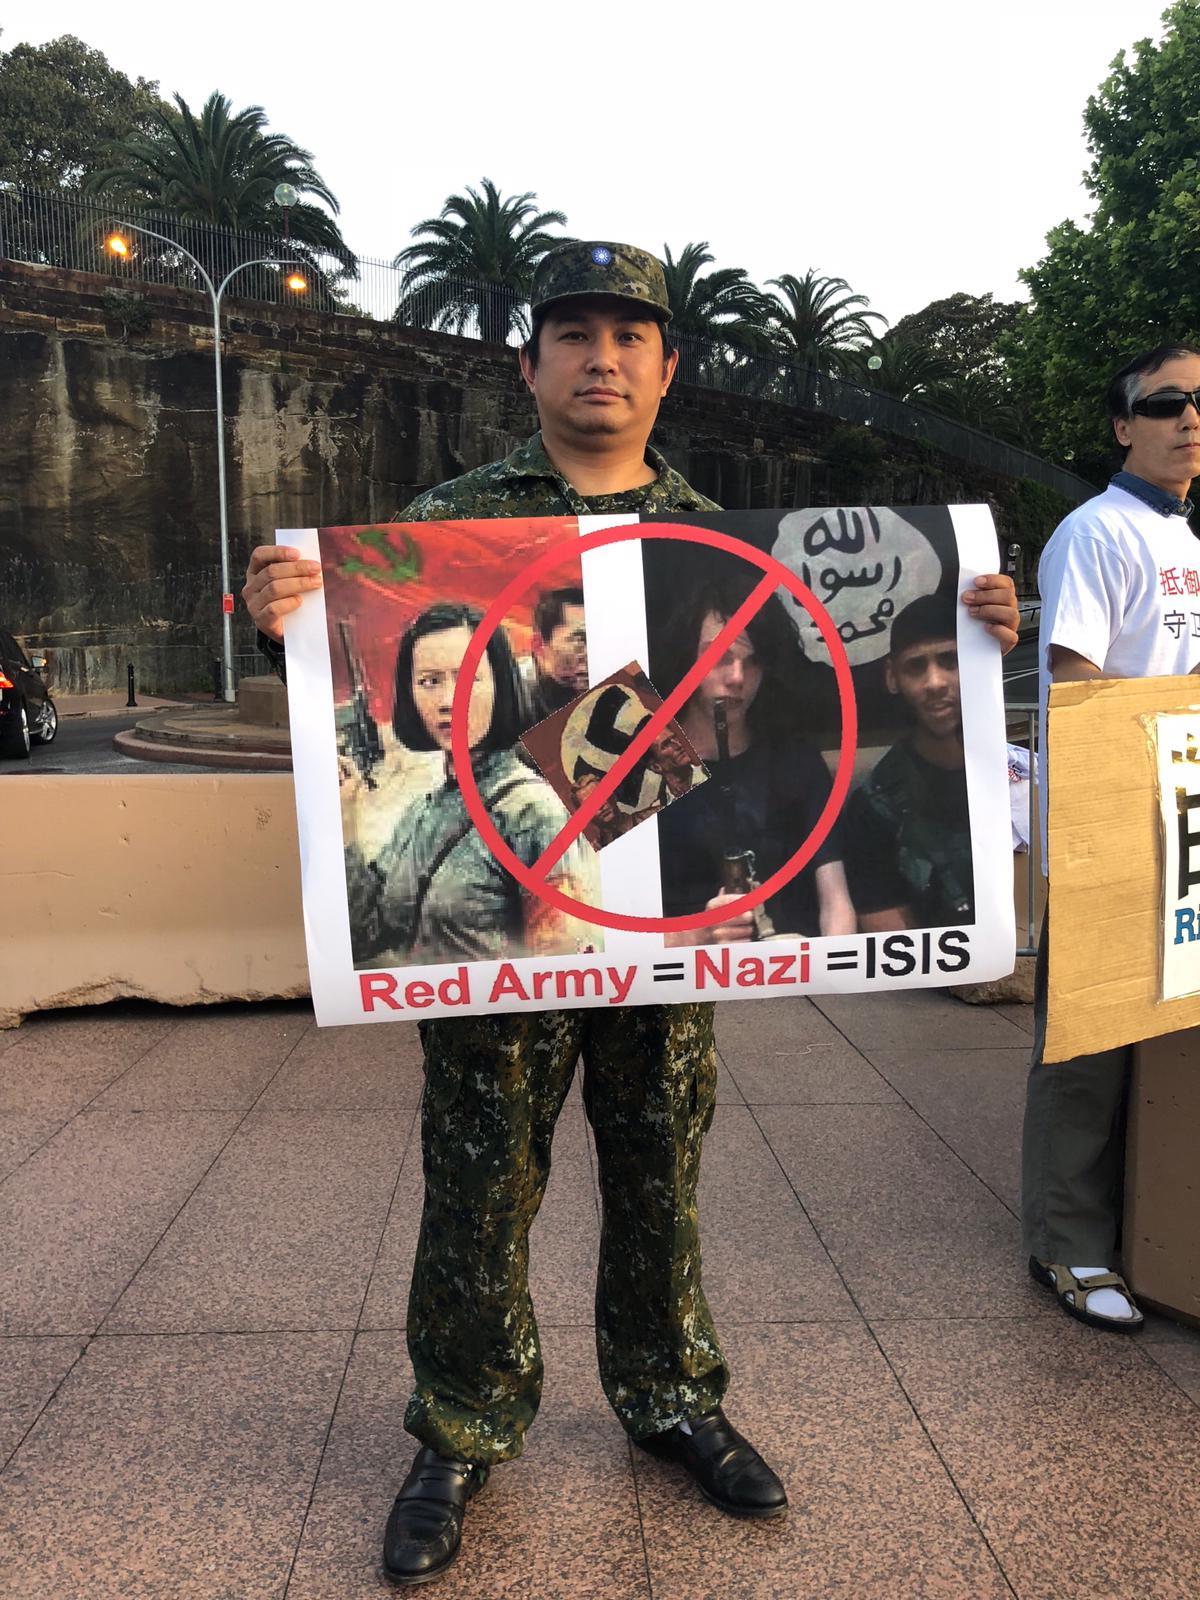 11月4日,悉尼的抗議者手上拿著展板標語「紅軍=納粹(Nazi)=伊斯蘭國恐怖份子(ISIS)」。(主辦方提供)